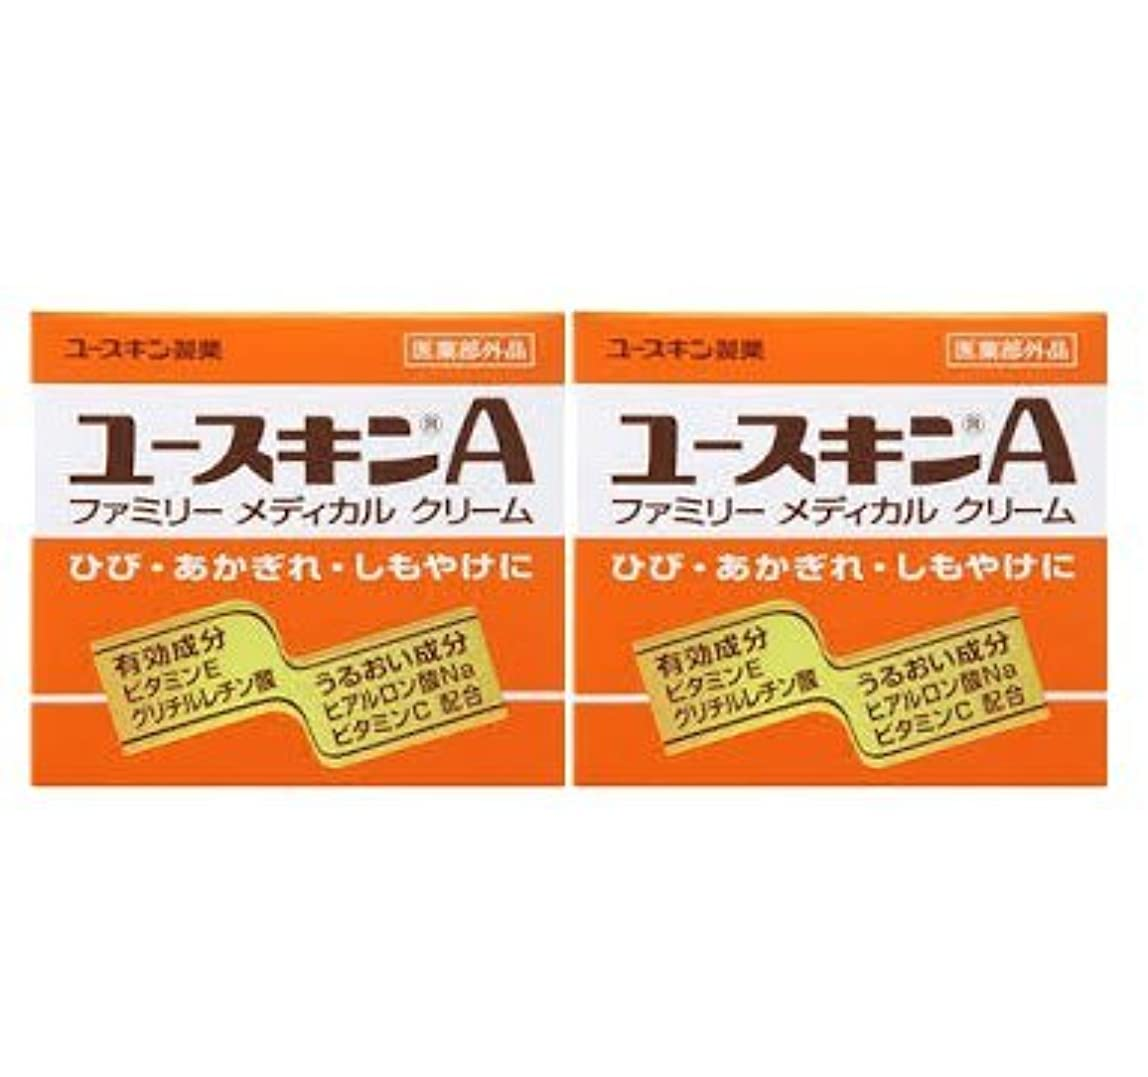 伝導率増加する理想的には【2個セット】ユースキンA ( 120g ) ( ハンドクリーム )